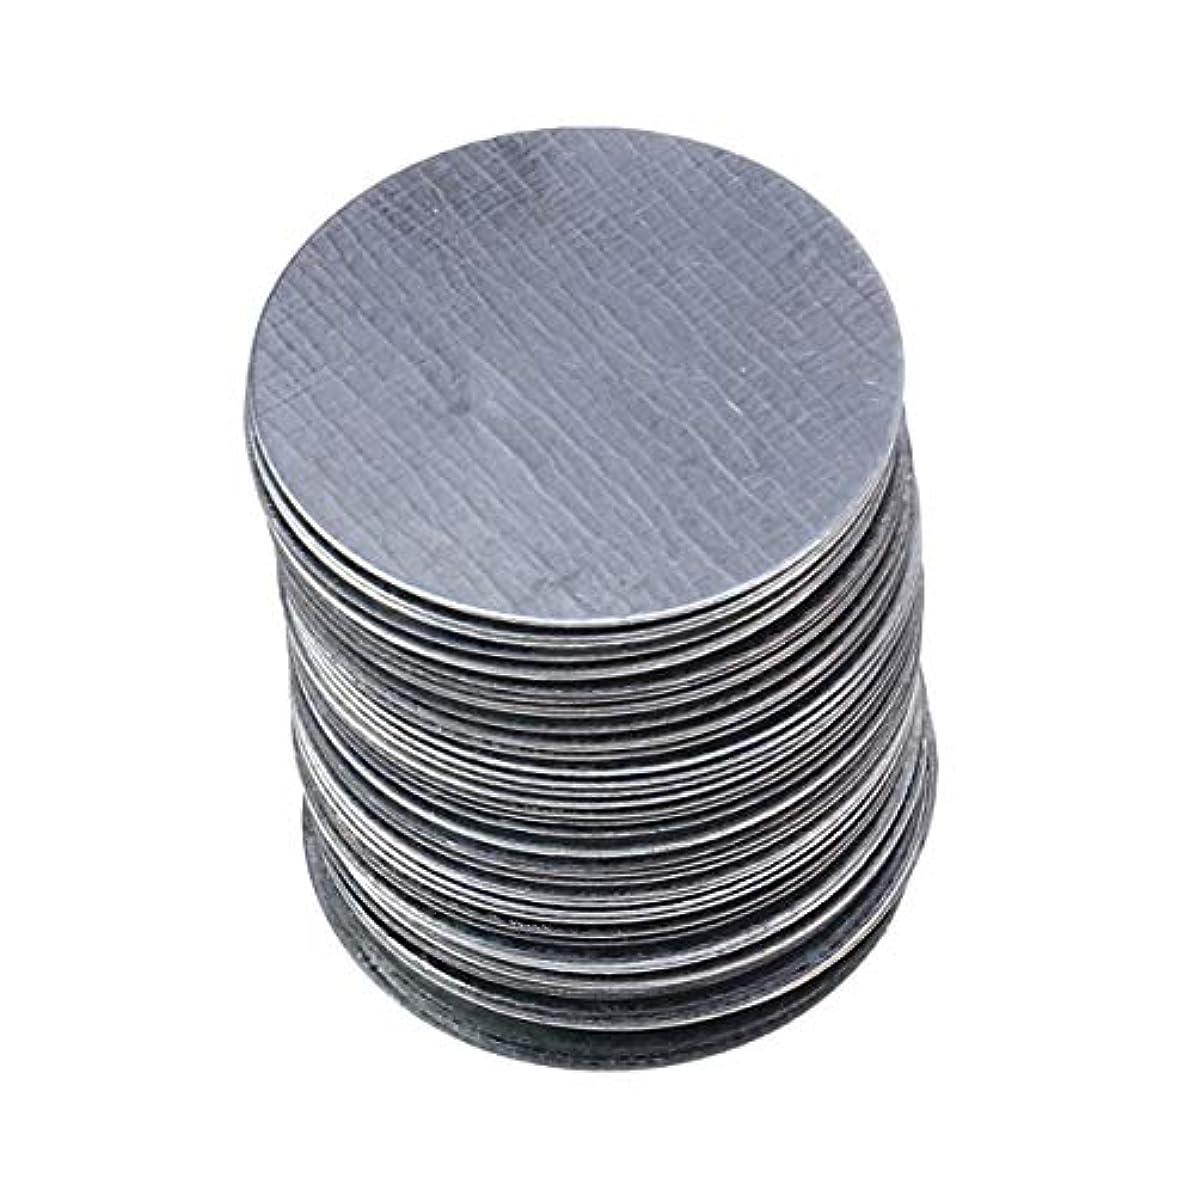 Lurrose 非磁気アイシャドウパンメイクアップパレットの使用のための100ピースラウンド金属ステッカー